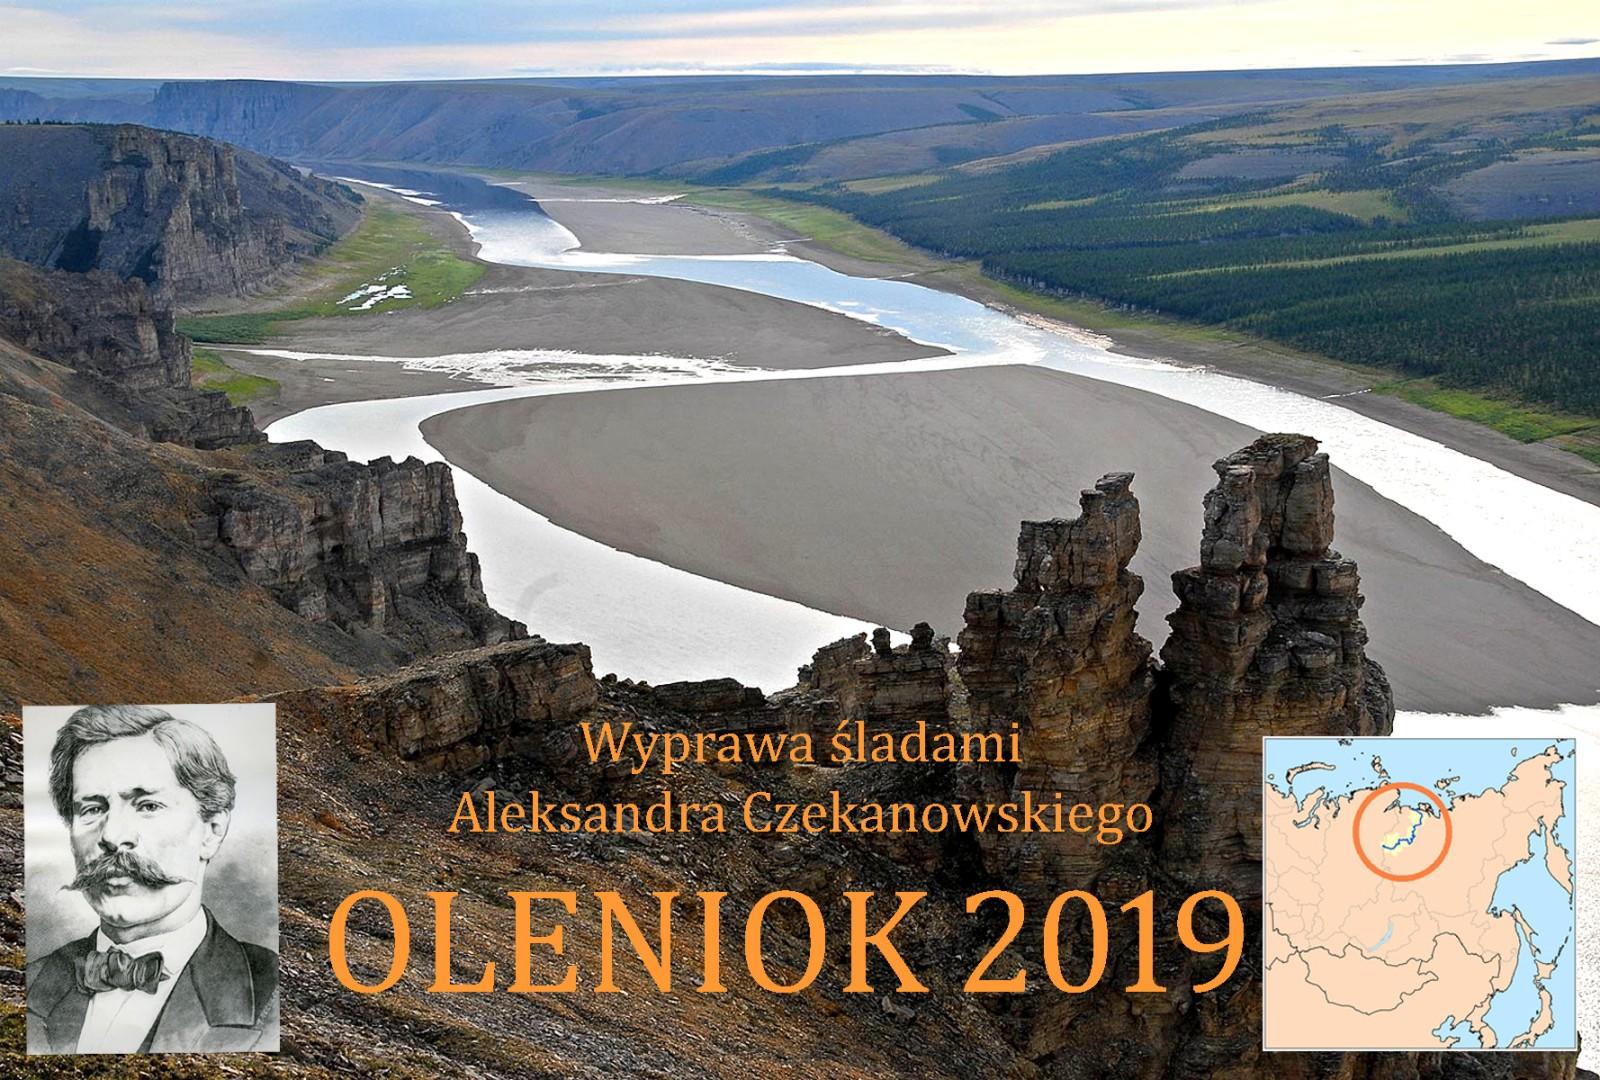 Oleniok 2019-Wyprawa Śladami Aleksandra Czekanowskiego